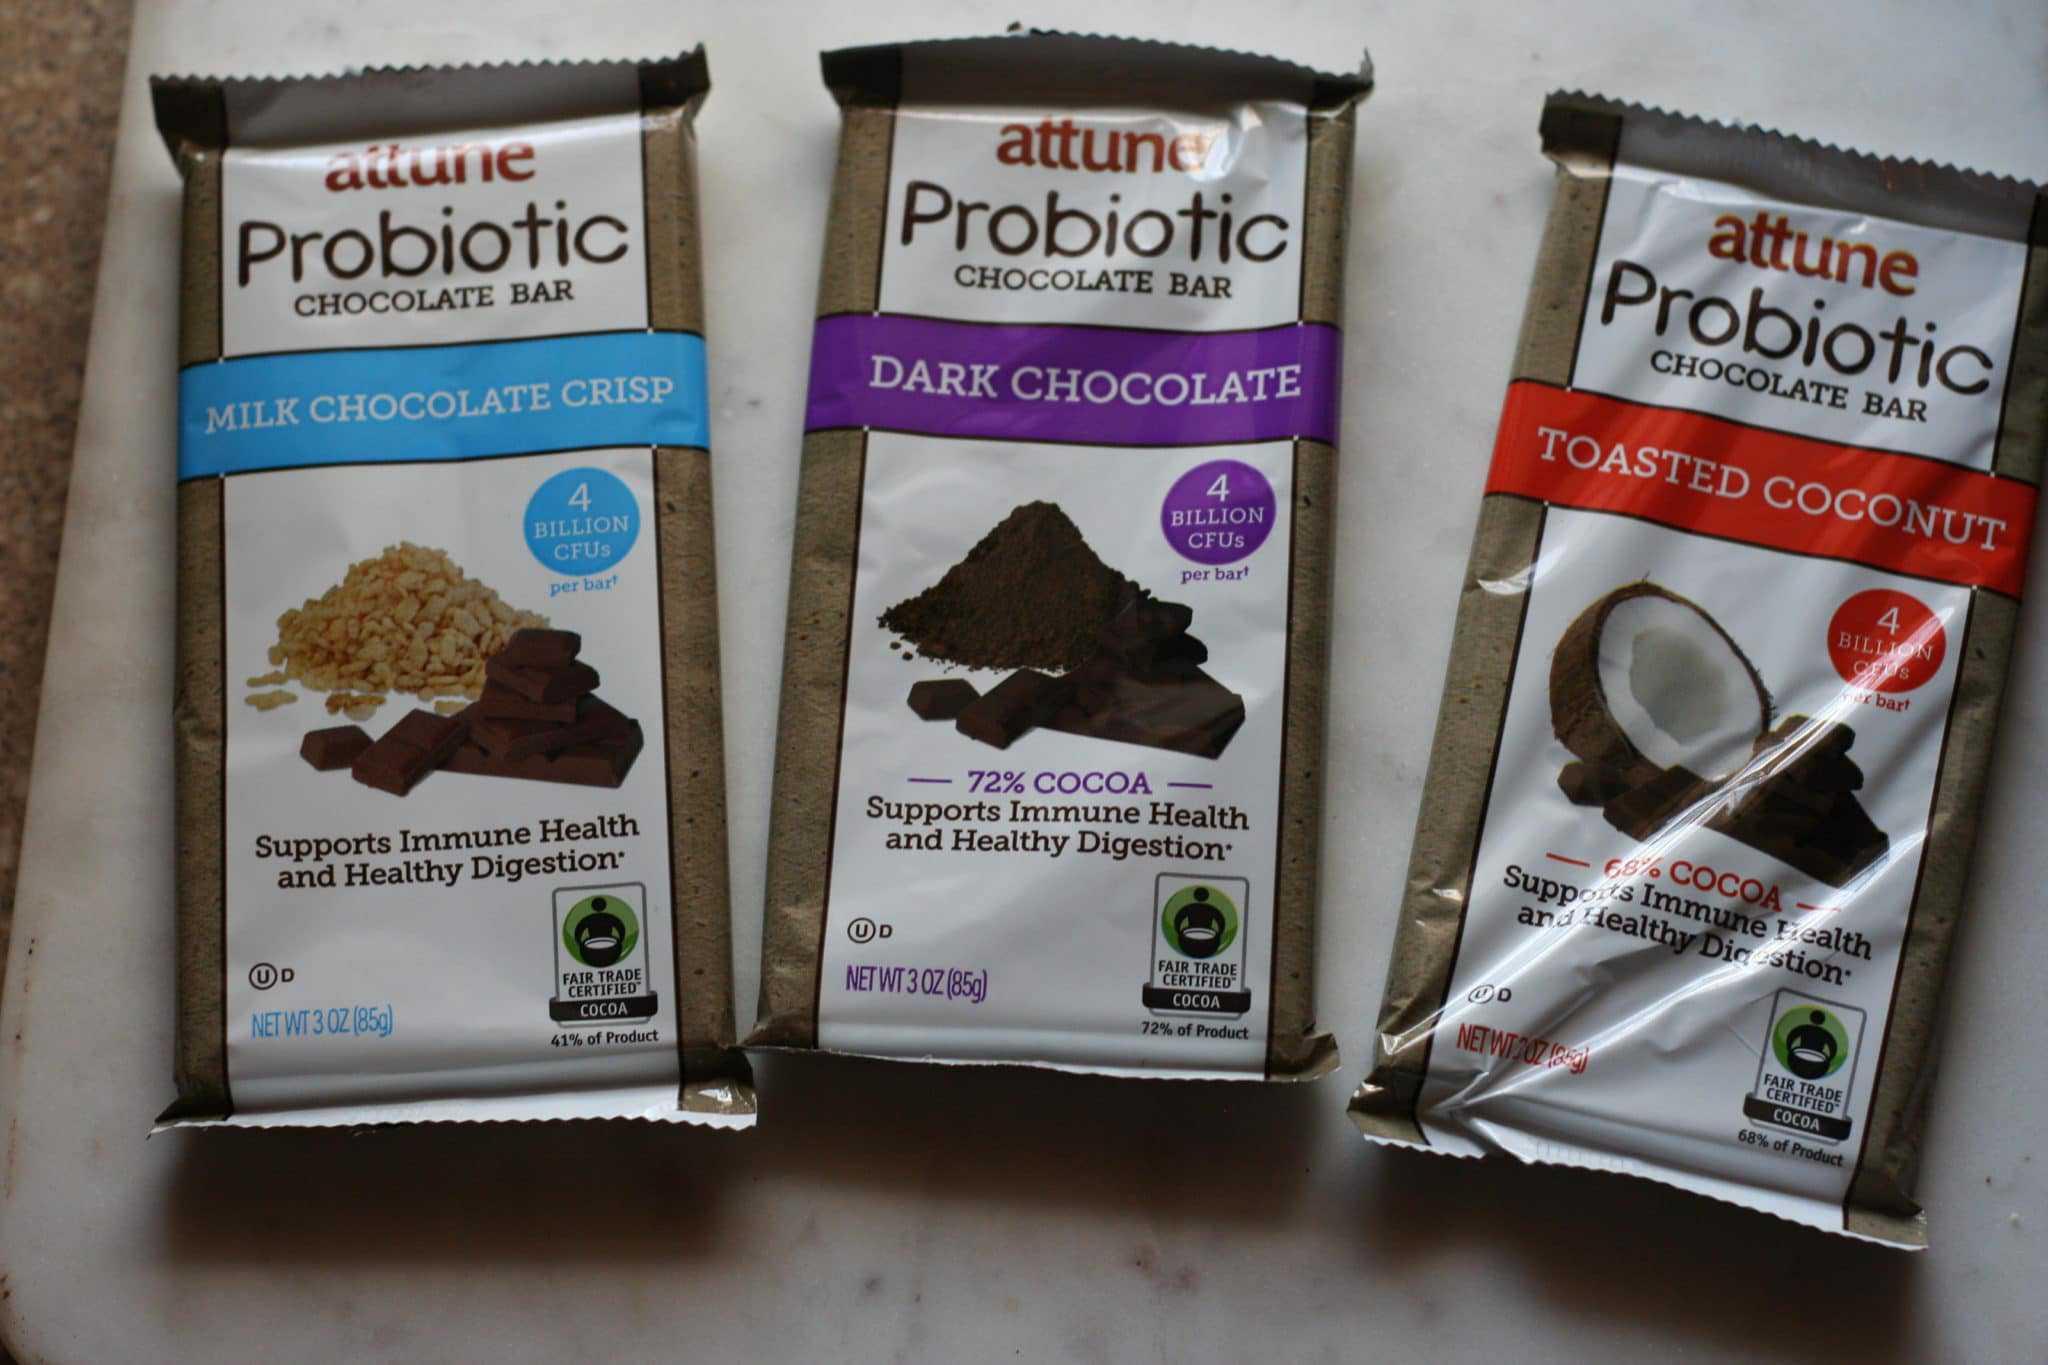 attune probiotic chocolate bars